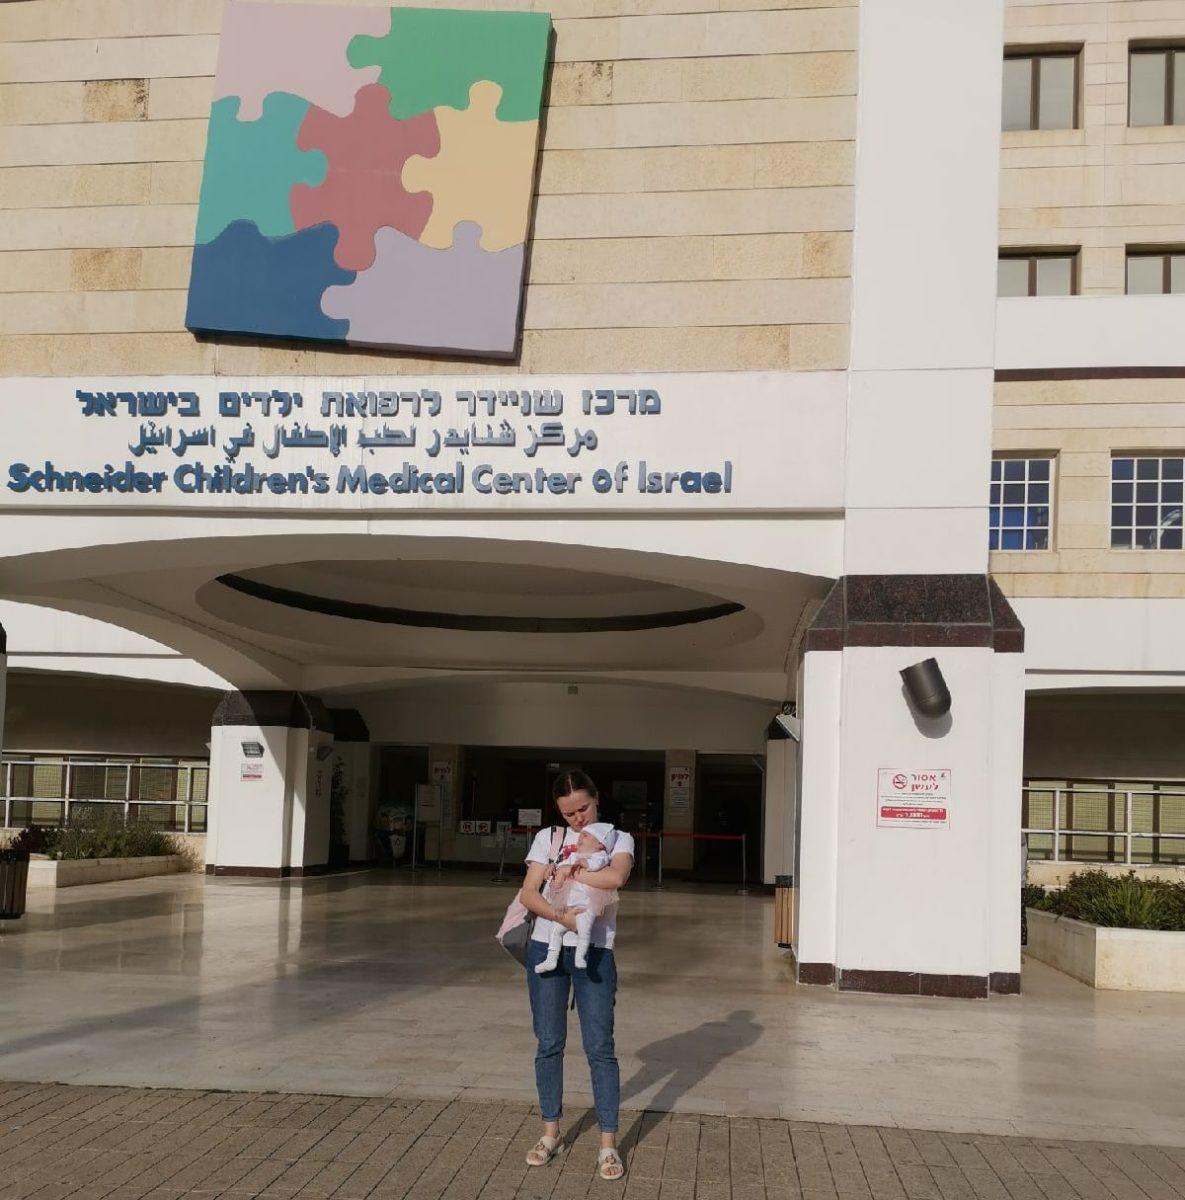 Юлия с Софией около Центра здоровья детей в израильском городе Бат-Ям, где малышка проходит лечение. Фото: архив Юлии ЖАГУНЬ